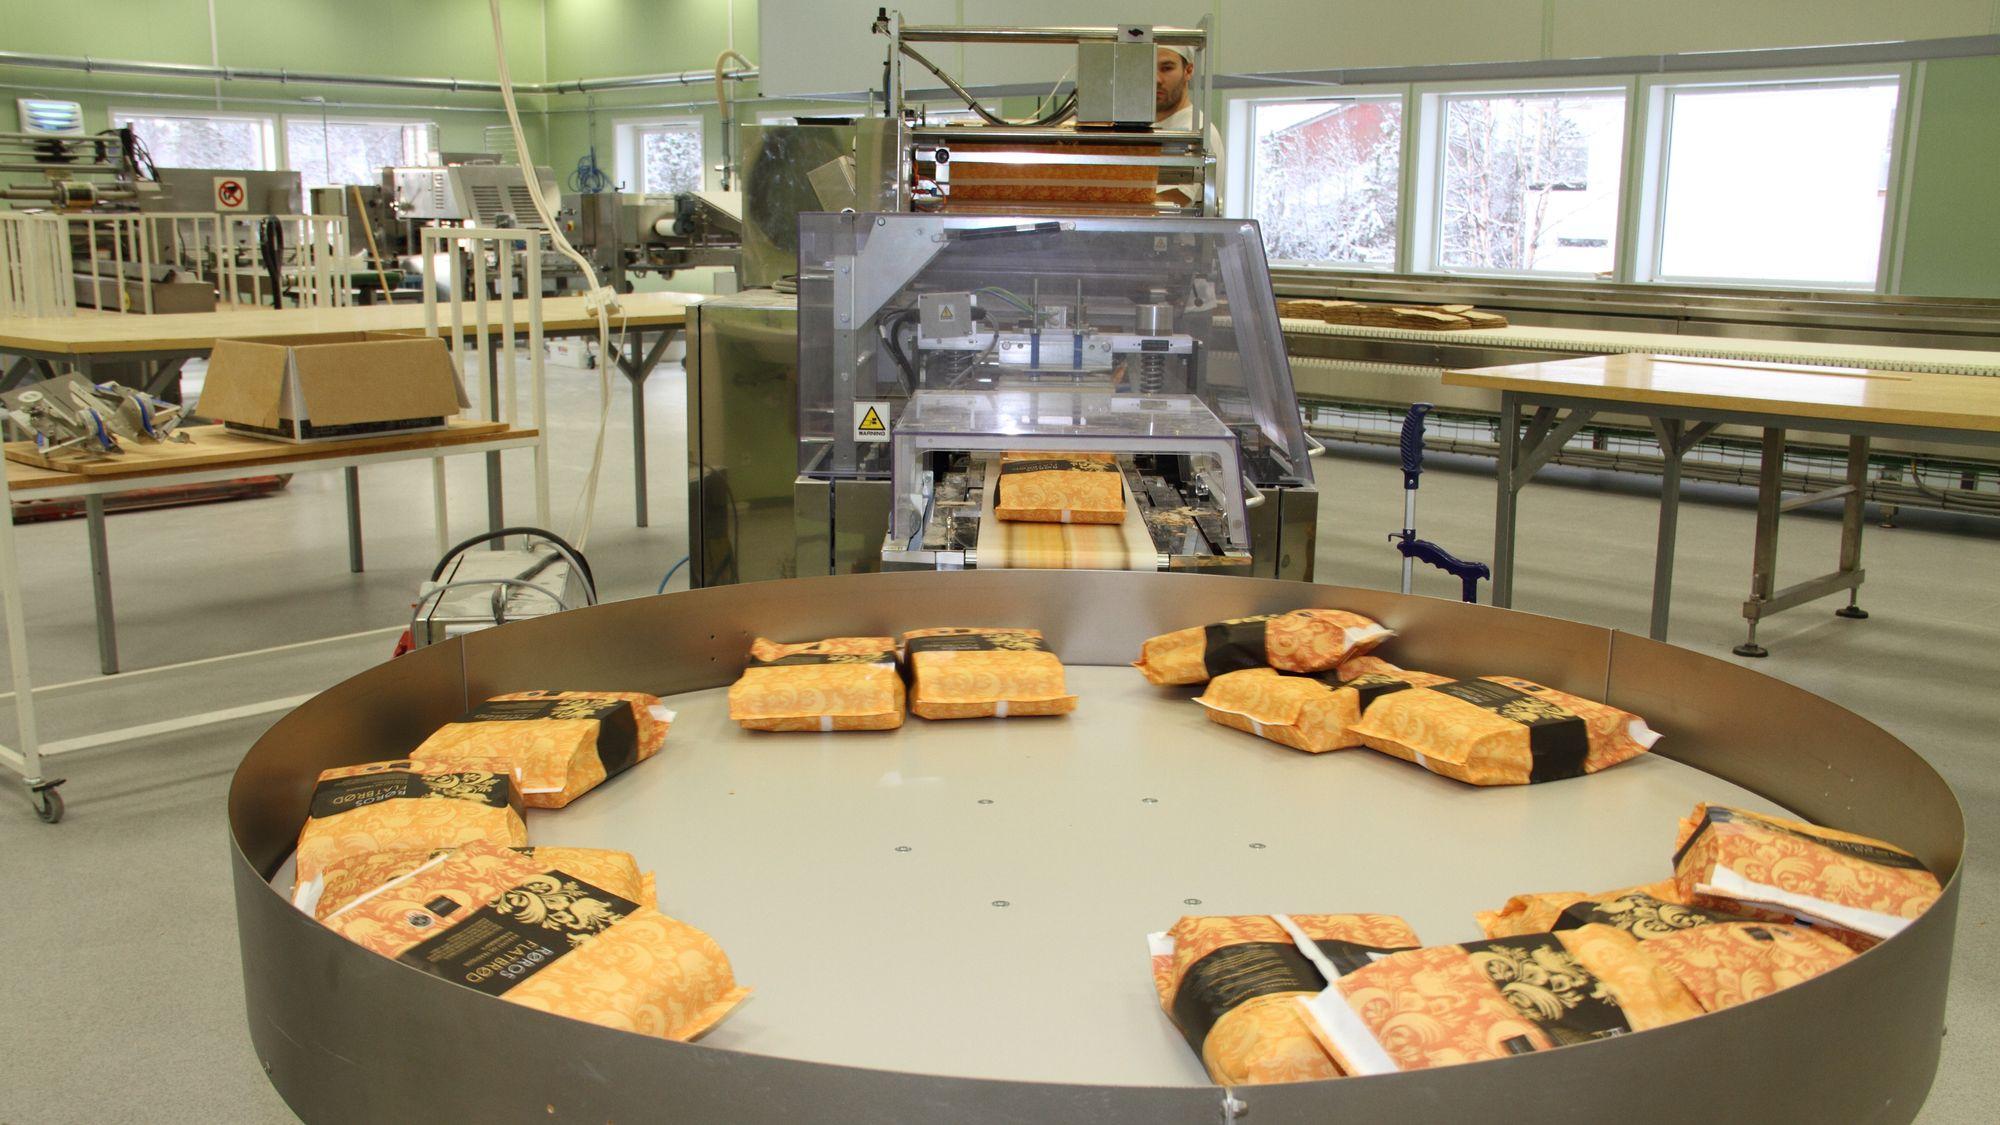 Rørosbakern investerte i automatisert produksjonslinje for et par år siden, og økte omsetningen. En konkurrent valgte i stedet å flytte produksjonen ut, noe som ikke ga ønsket effekt.